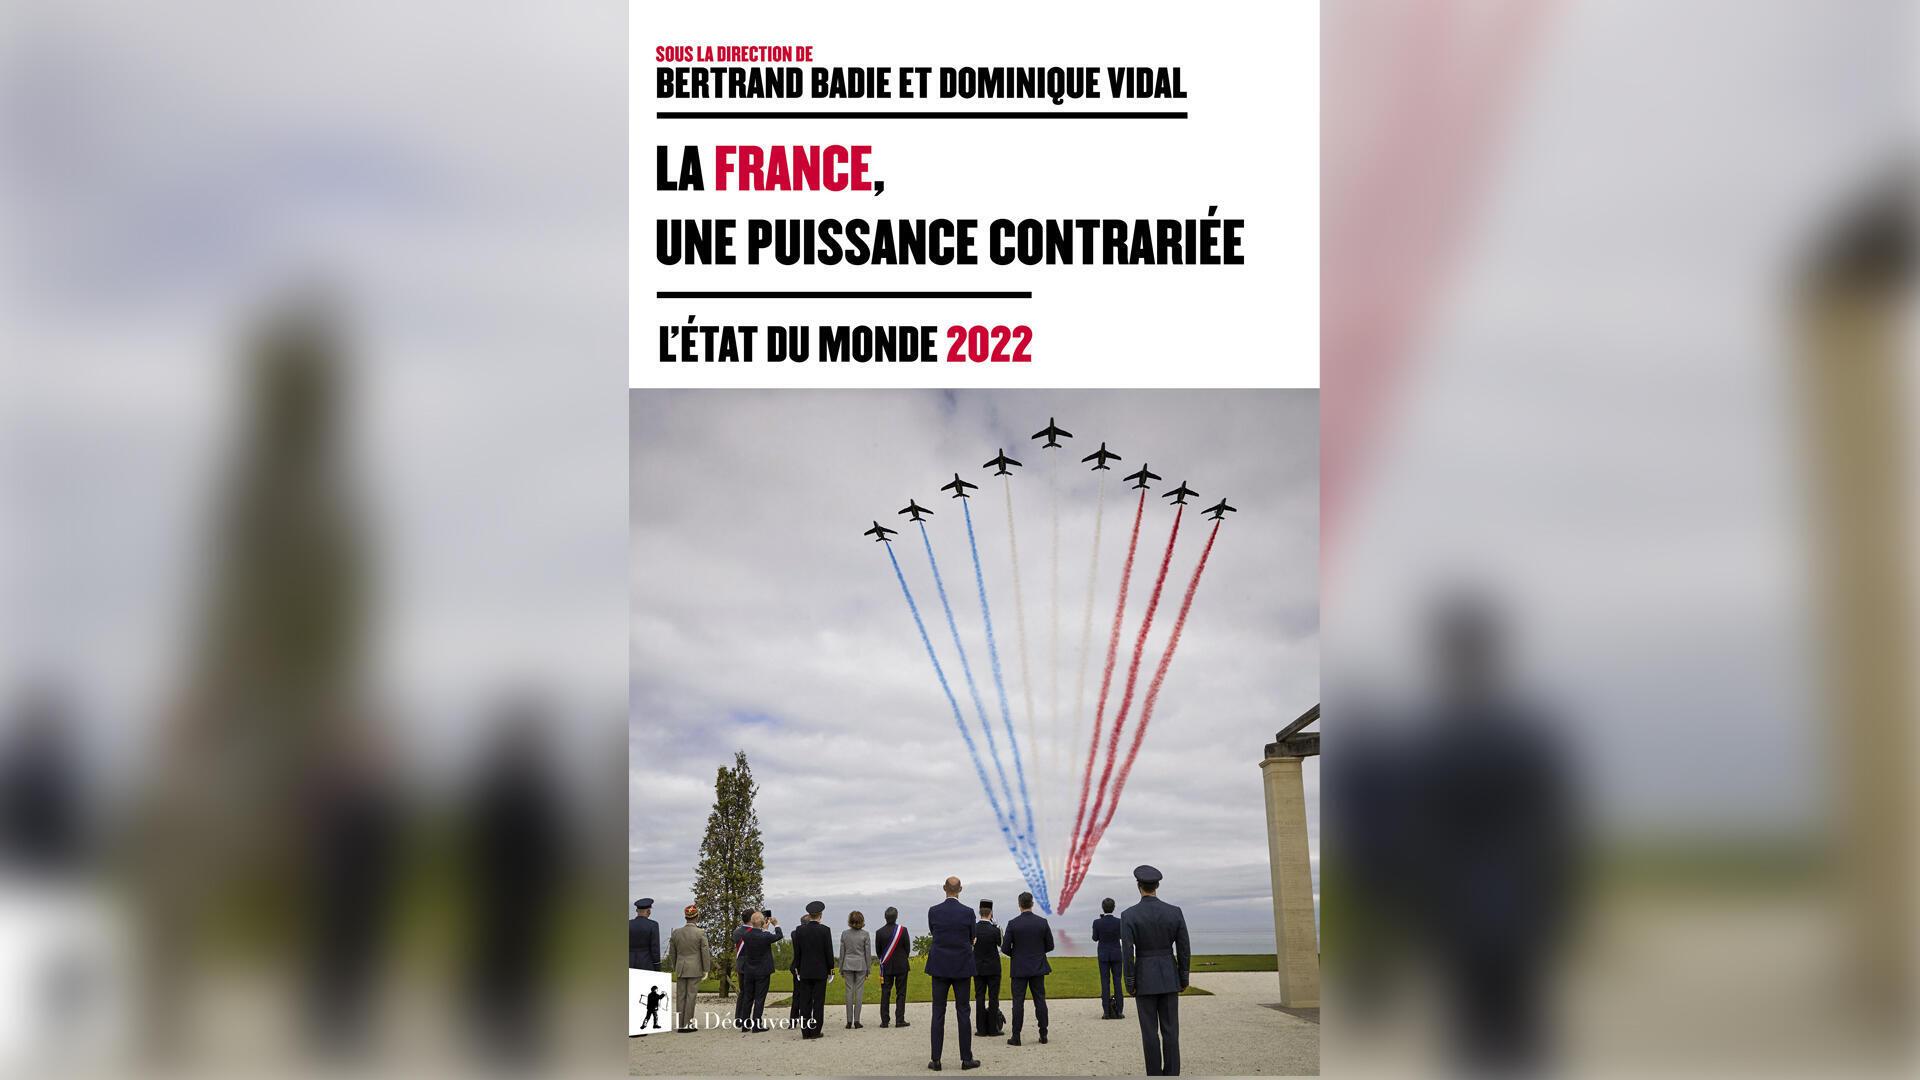 Couverture La France puissance contrariée _ état du monde 2022 - Géopolitique le debat